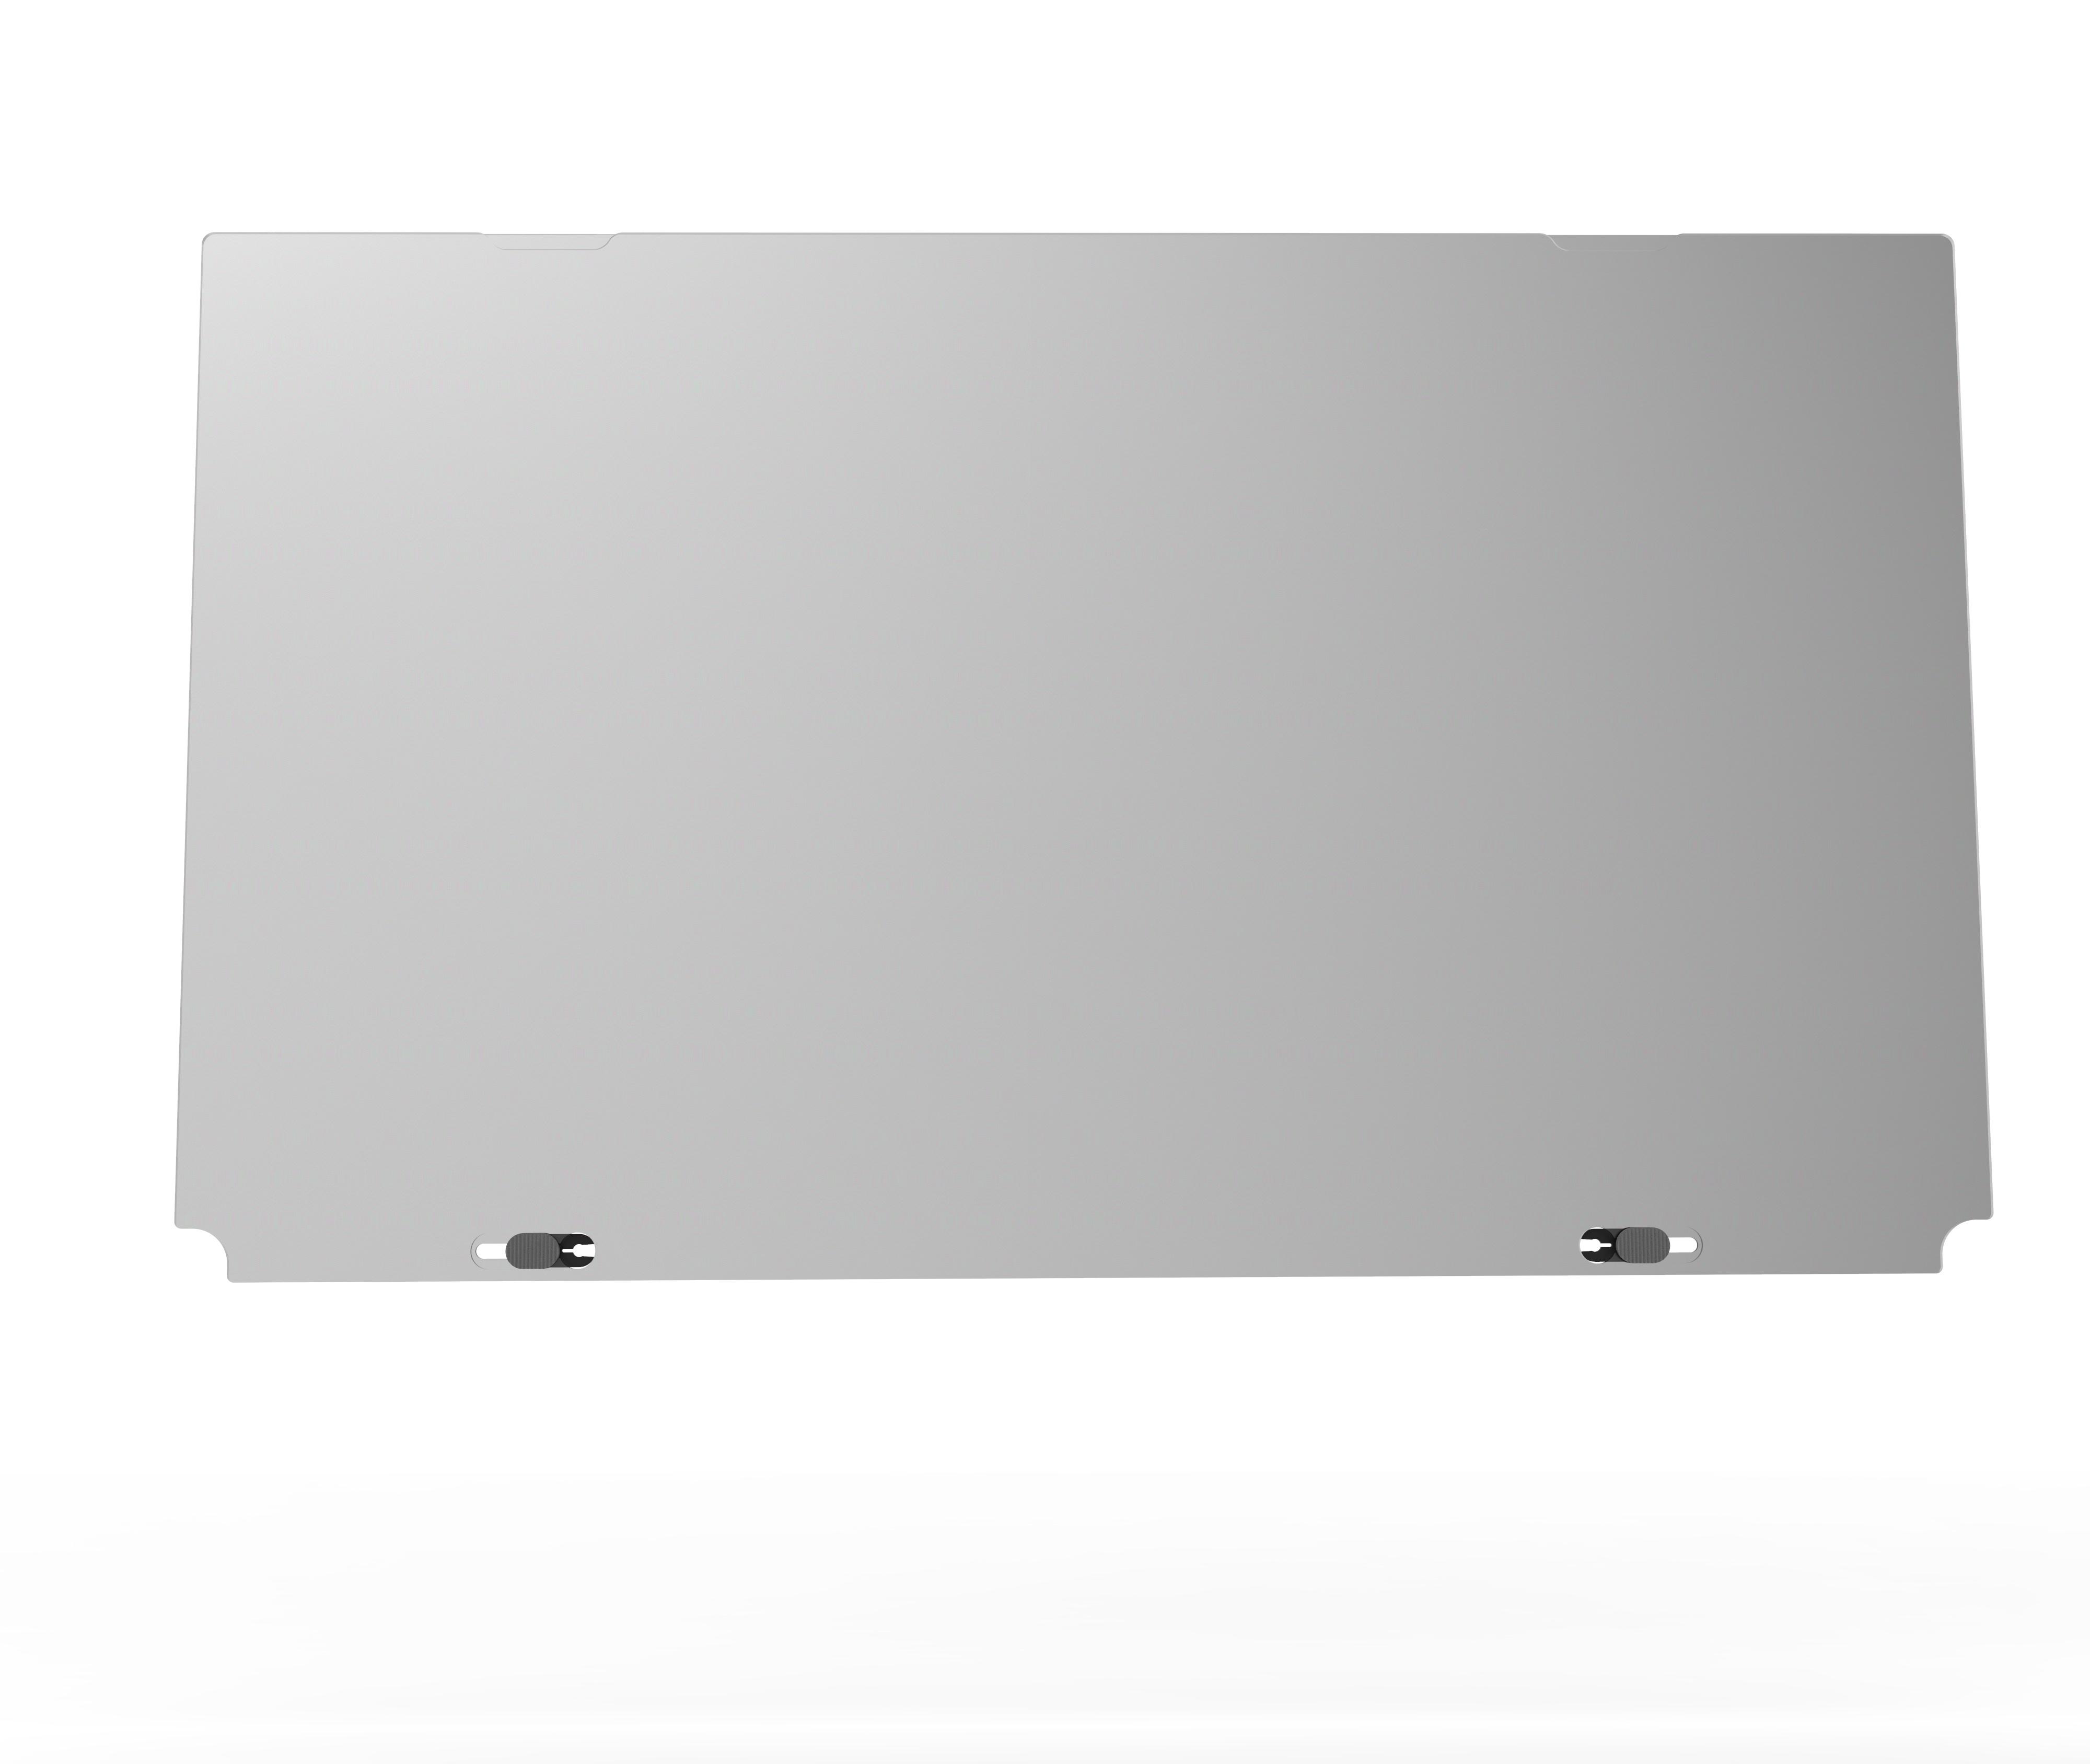 SmallHD Cine 24 Deluxe Anti-Reflective Locking Screen Protector